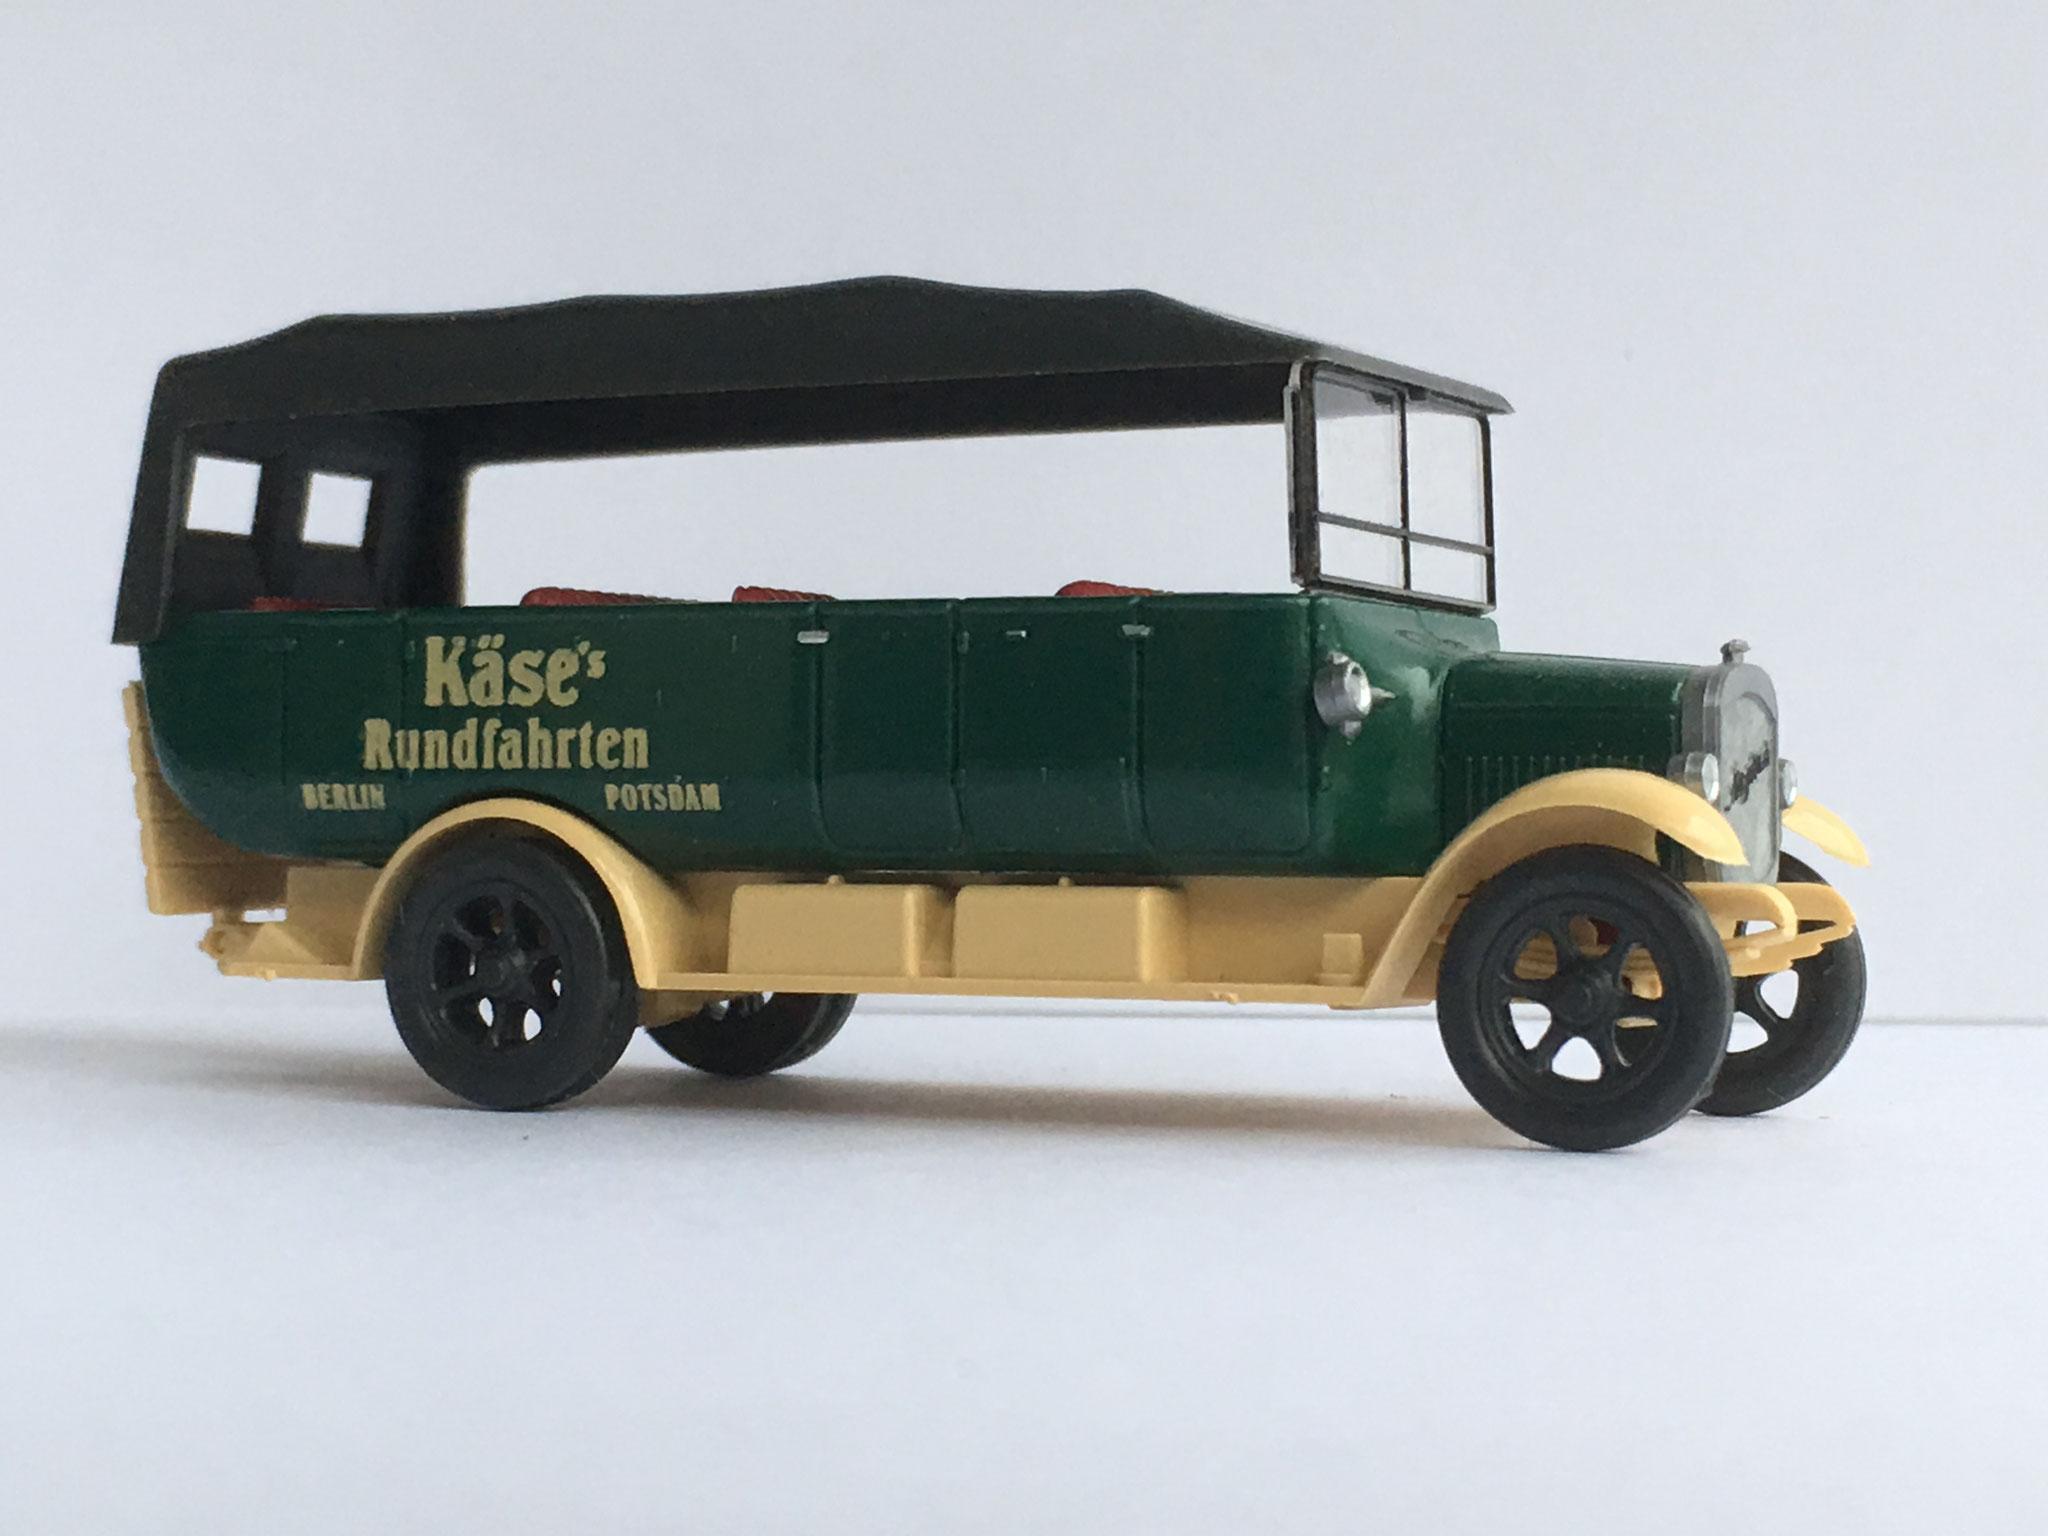 Magirus Ausflugsbus Käse Rundfahrten, Art. Nr. 393 (von Wiking ab 1994 unter dem Label Roskopf im Programm)